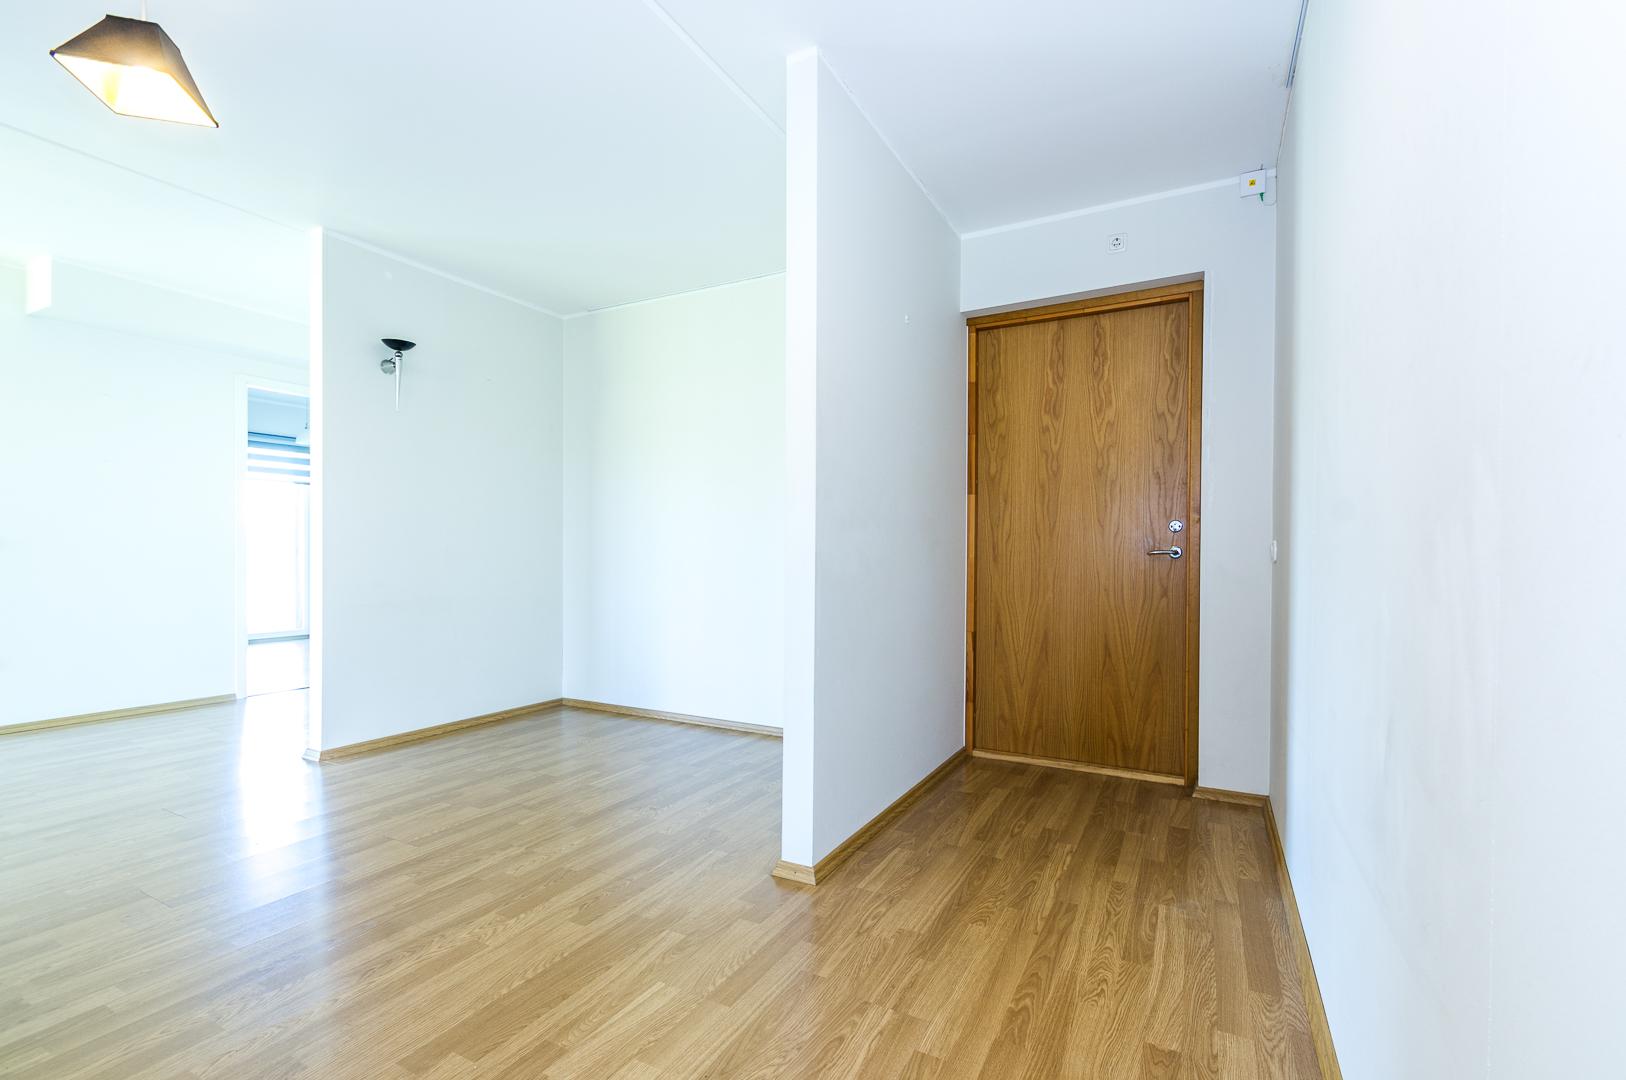 Klient soovib osta 4-toalist korterit Pärnus